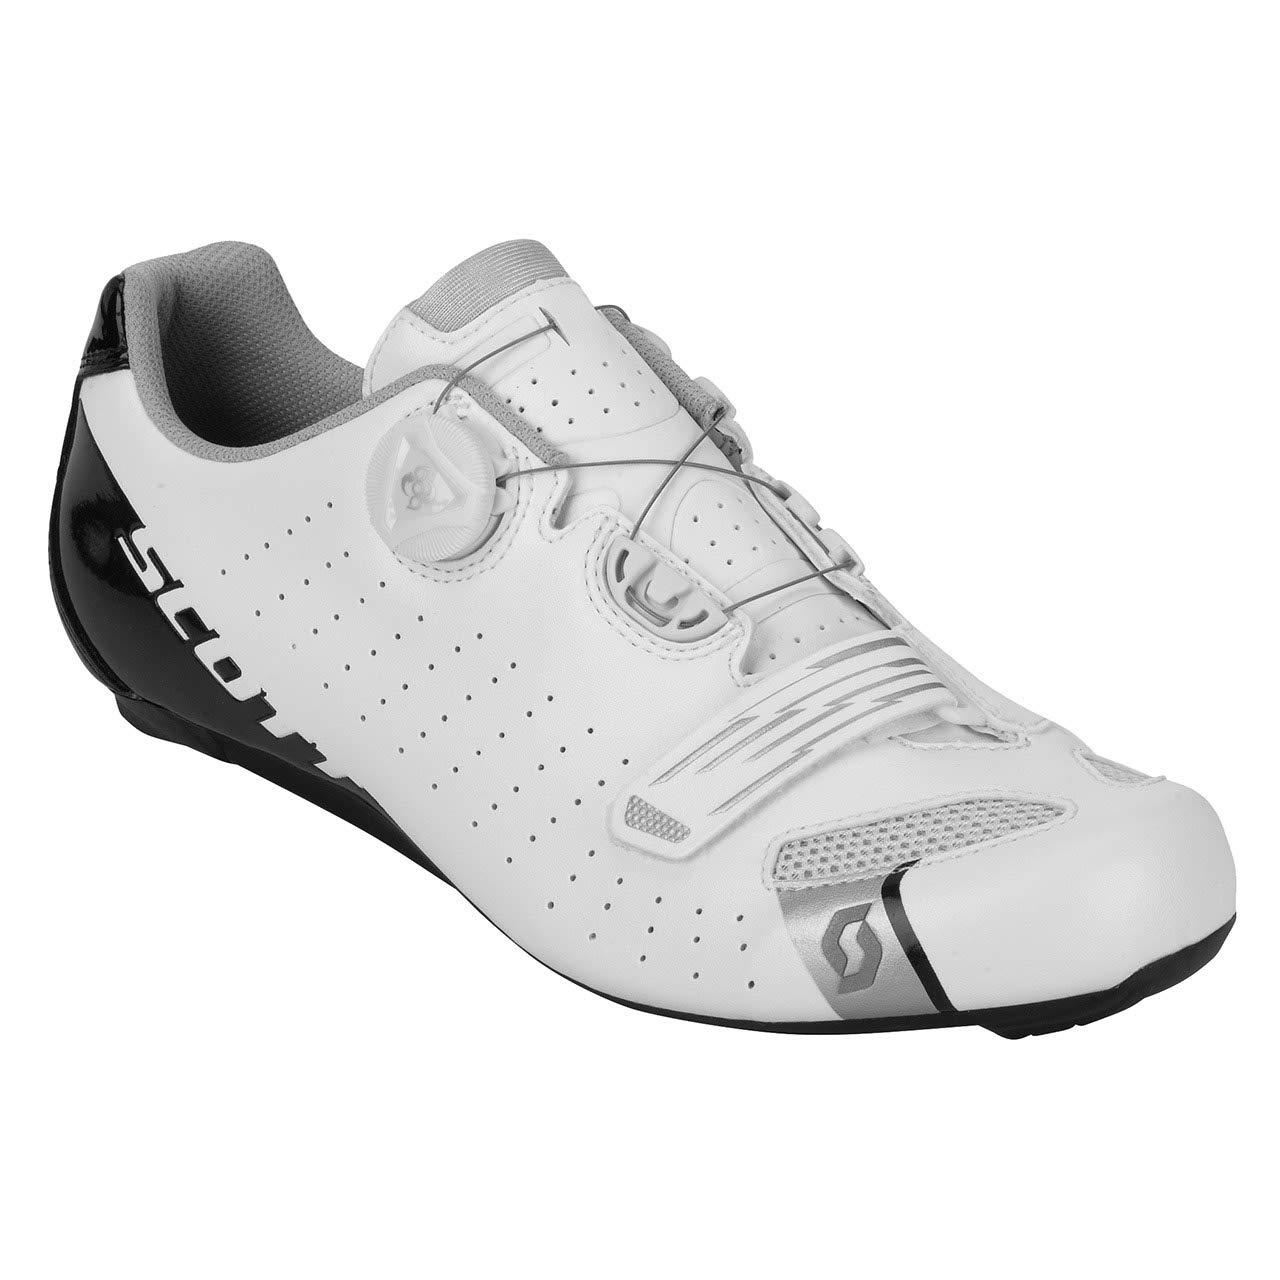 Scott Road Comp Boa Guantes Bicicleta de carreras Color blanco negro 2018 -